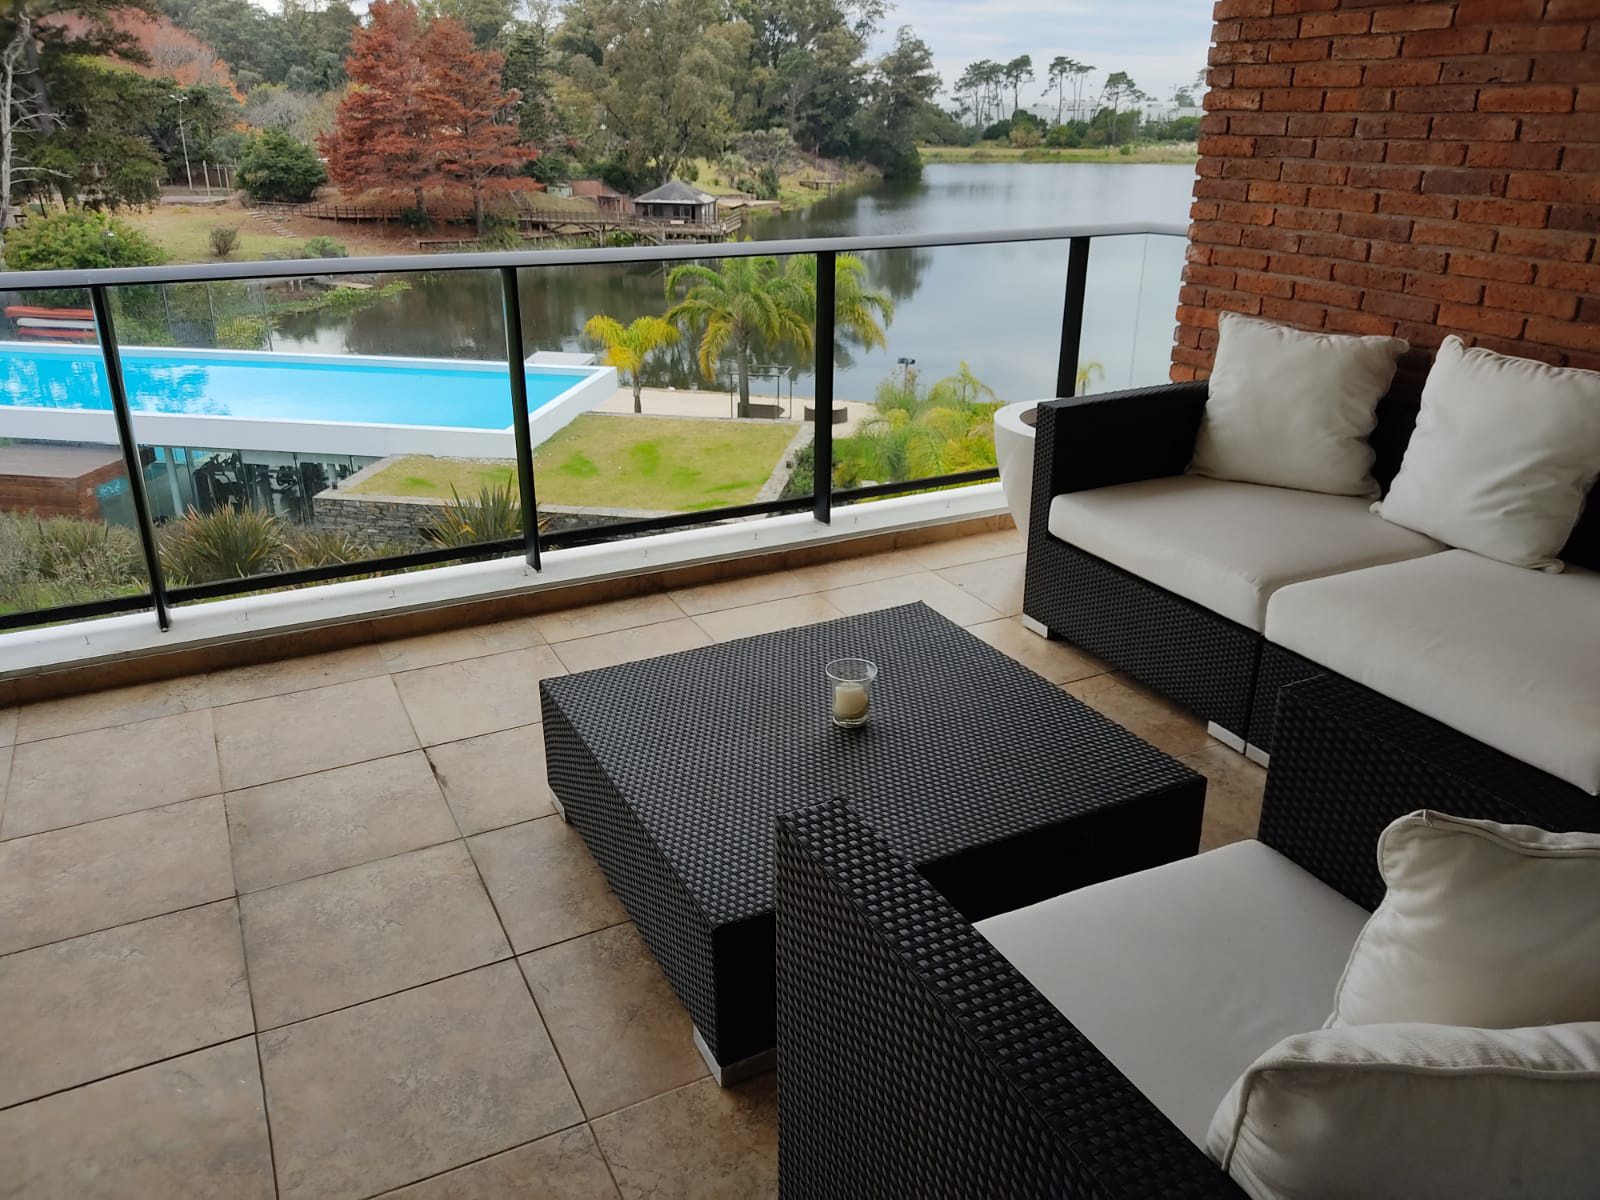 Alquiler de Hermoso apartamento con vista al lago en el mejor complejo de Carrasco Totalmente amueblado